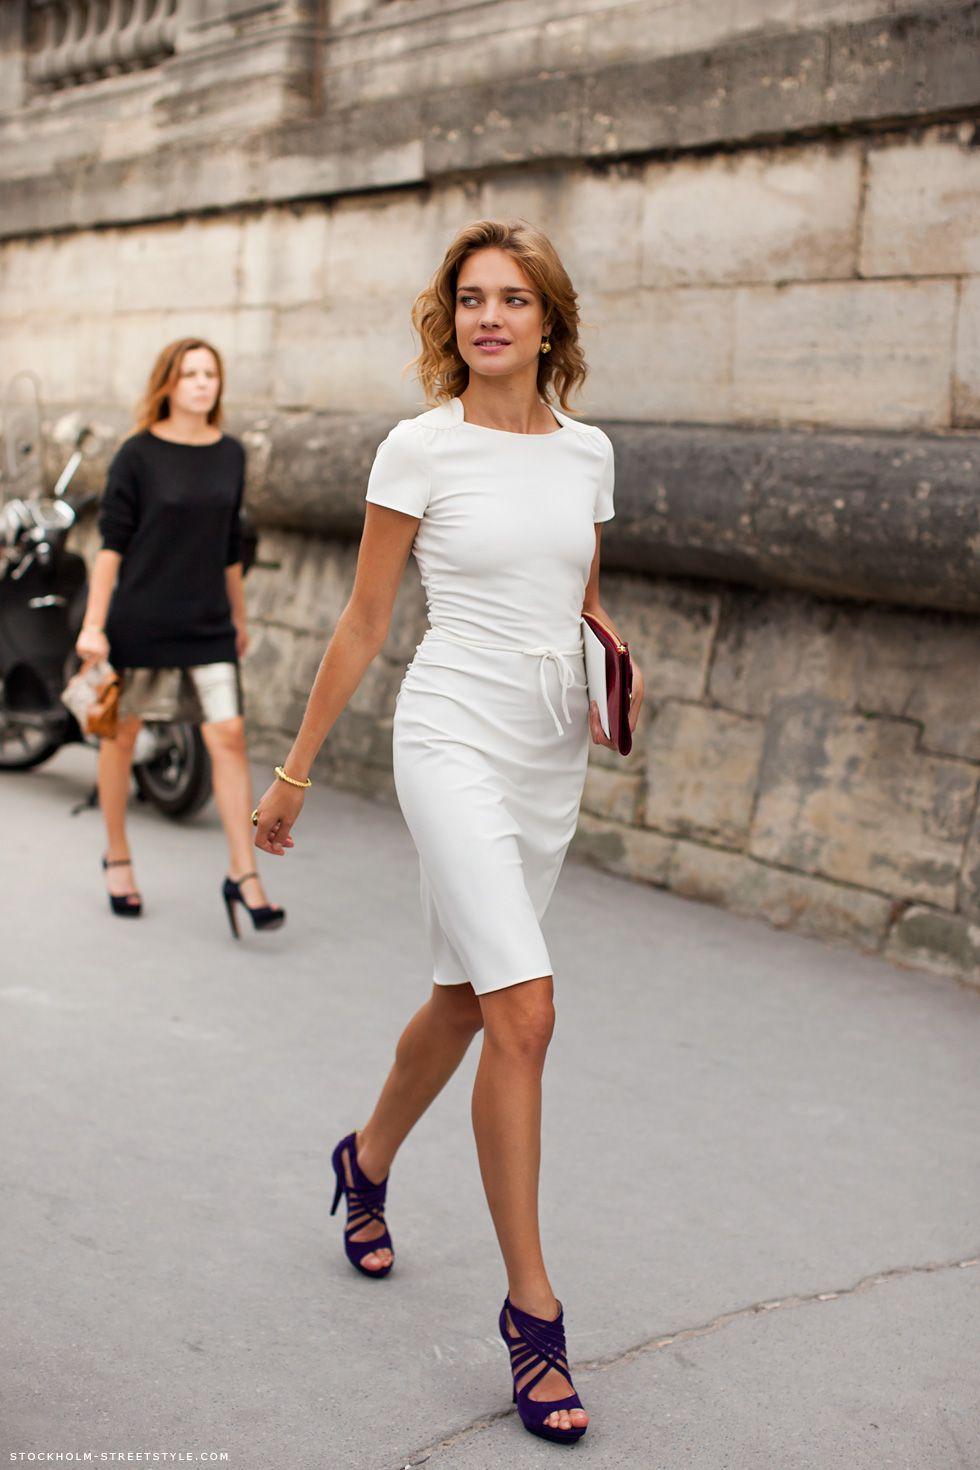 Pregnant Natalia Vodianova shocked too short dress